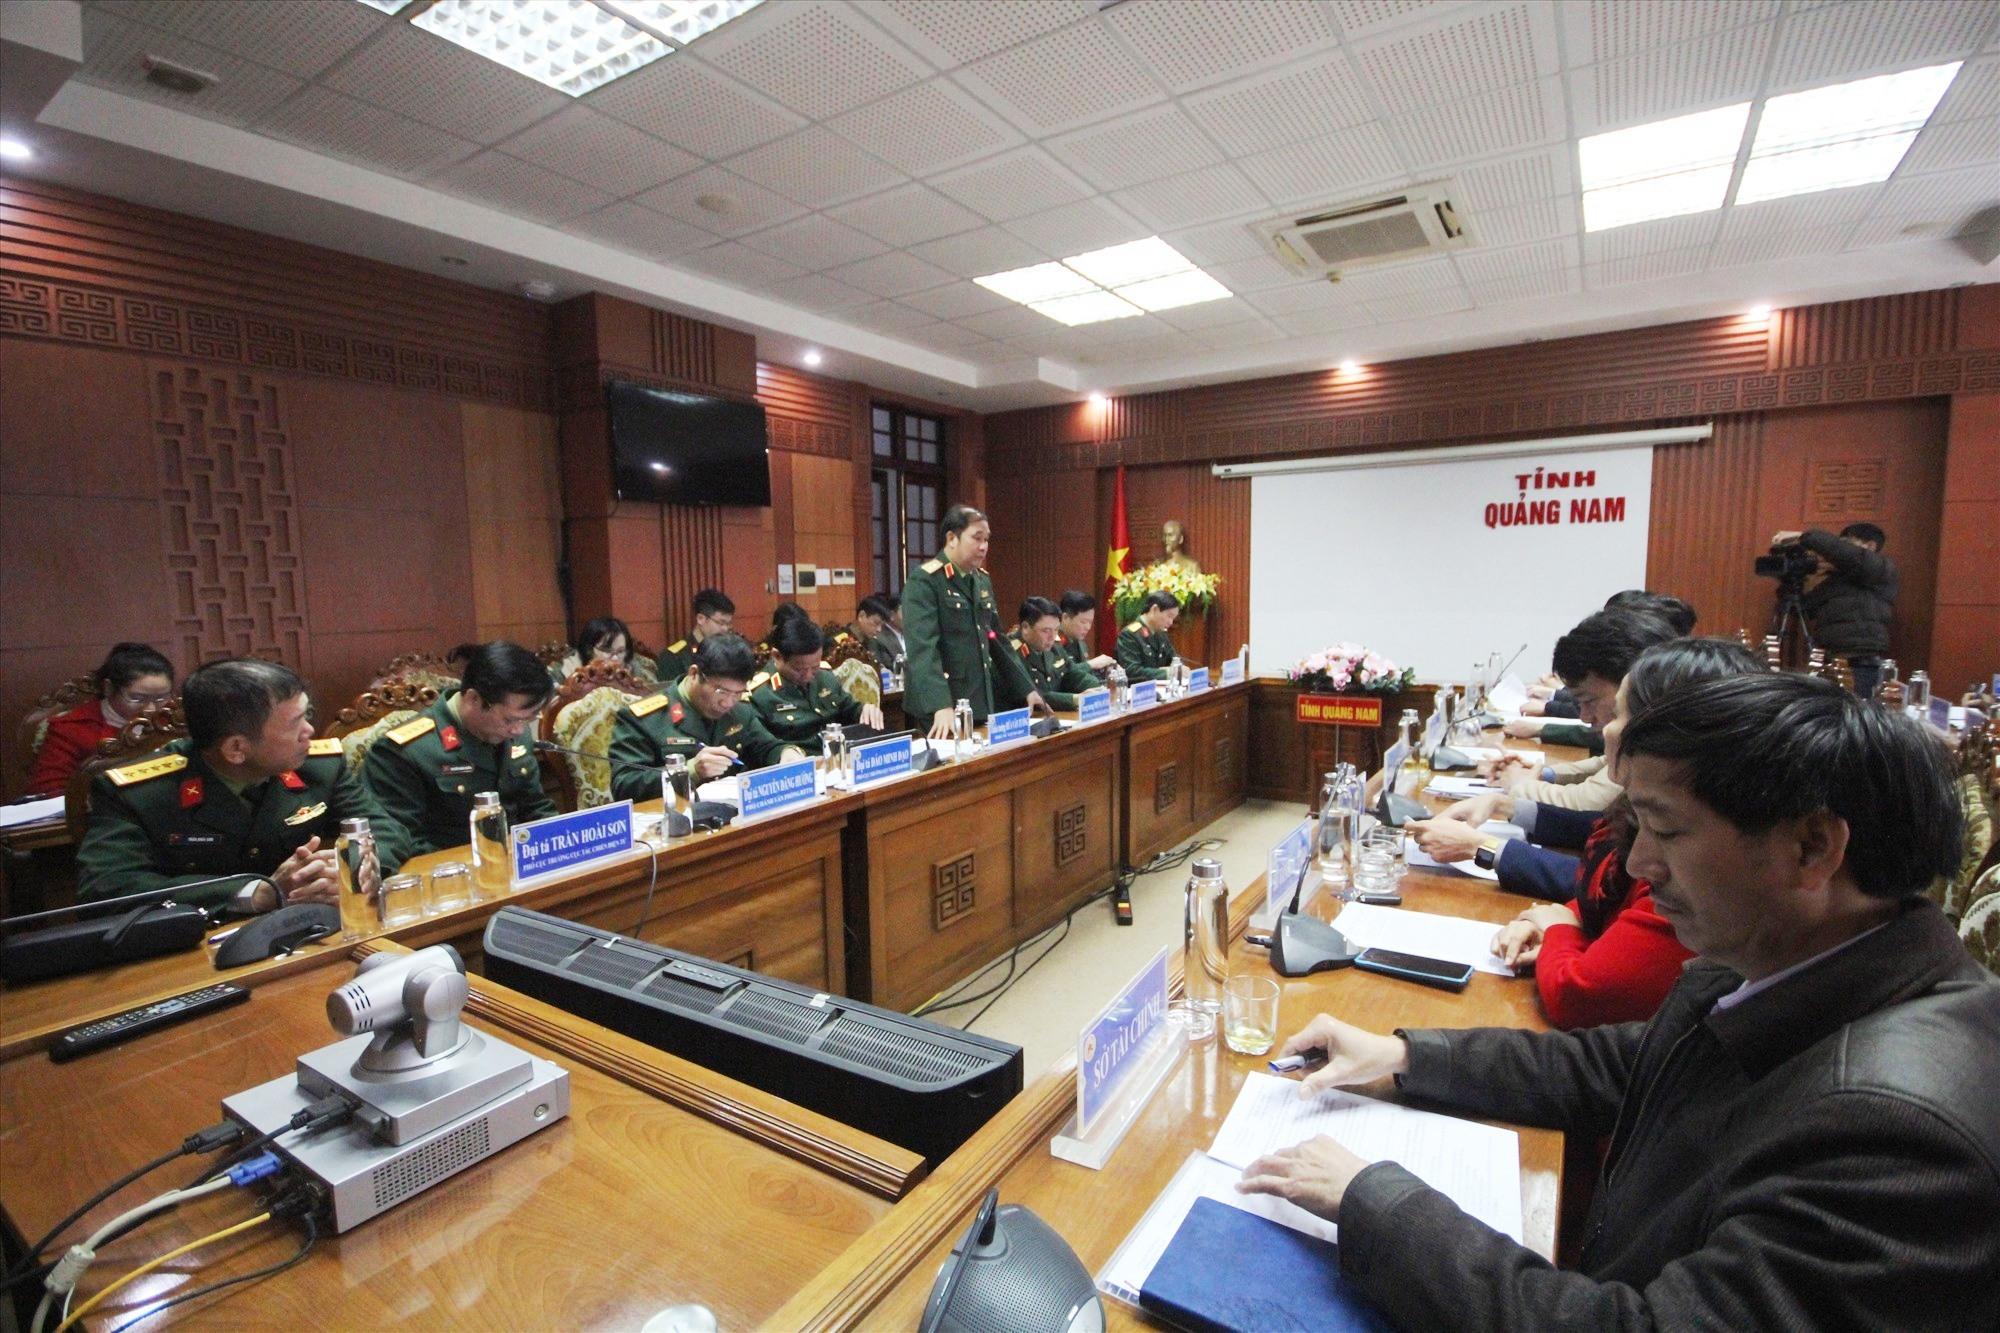 Trung tướng Phùng Sĩ Tấn phát biểu tại buổi làm việc. Ảnh: T.C